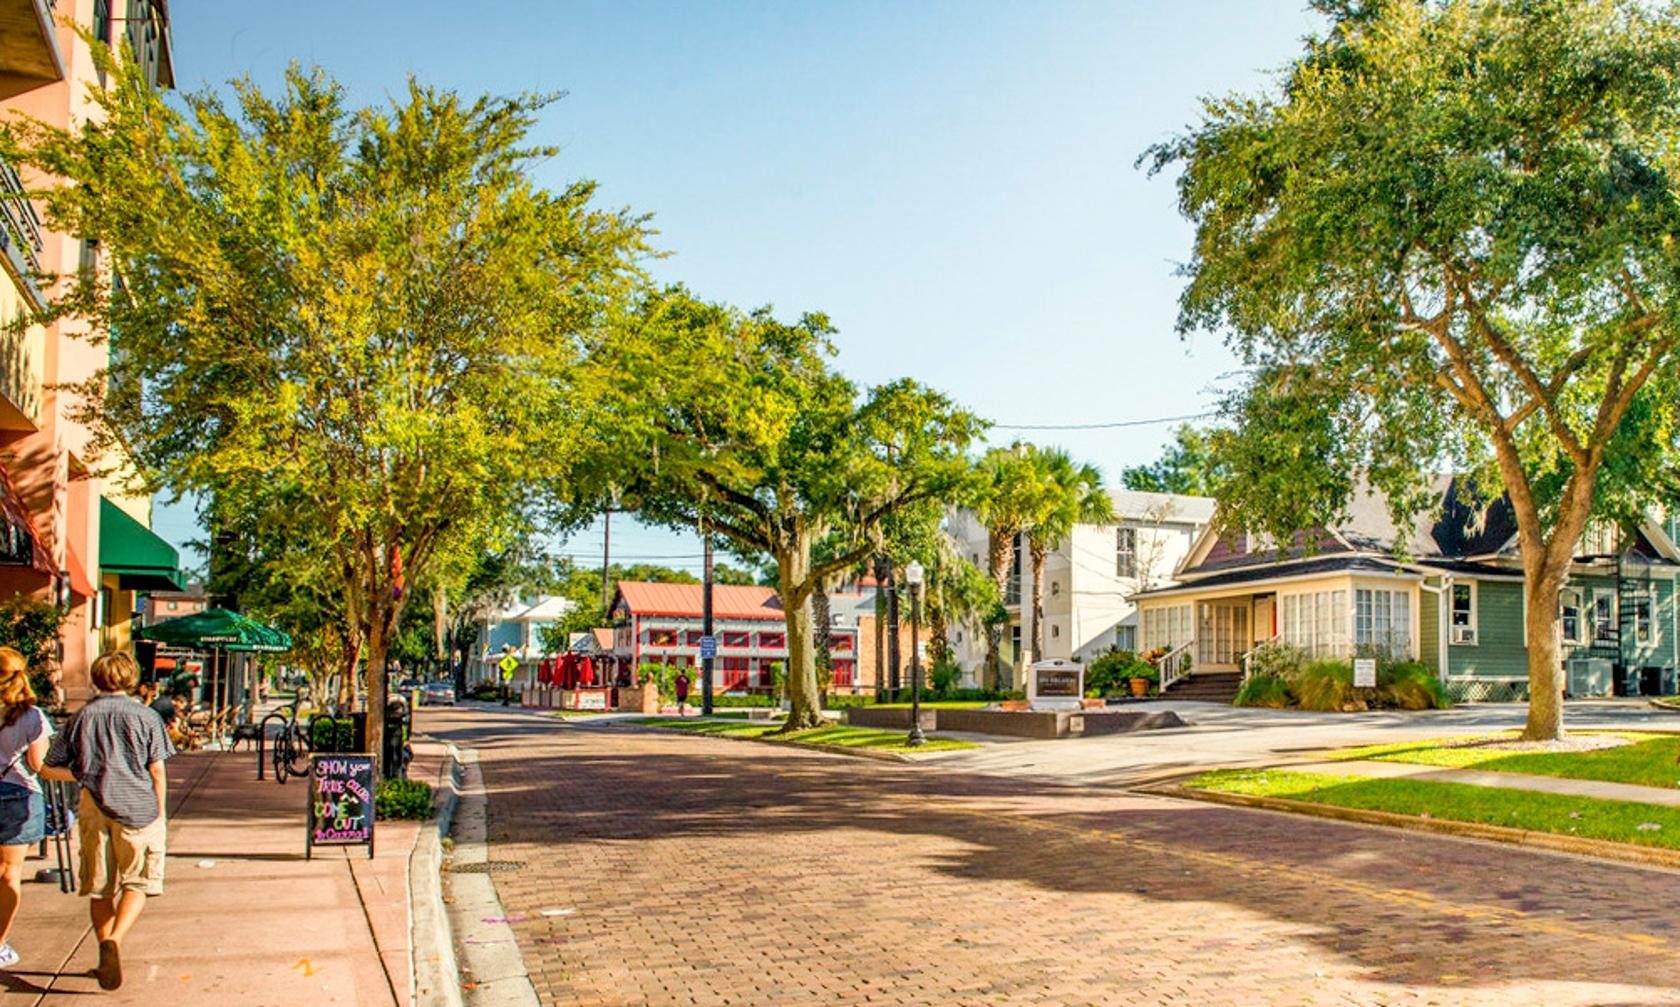 Vacation rentals in Orlando